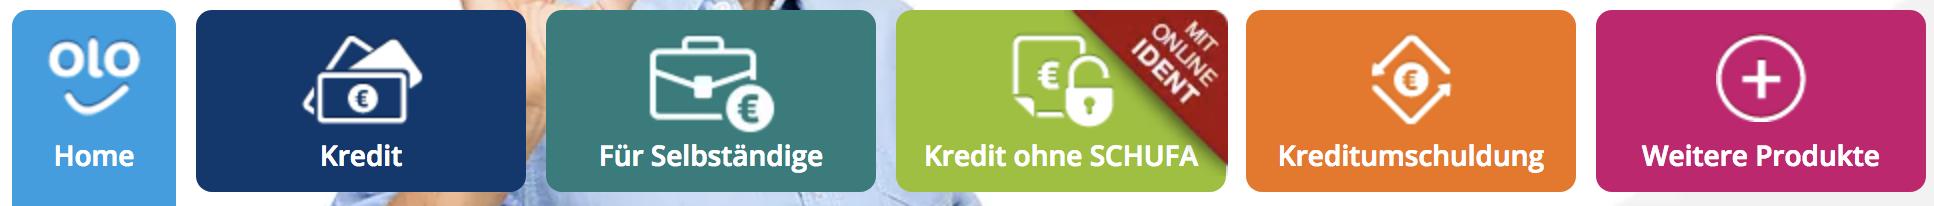 Creditolo Produkte